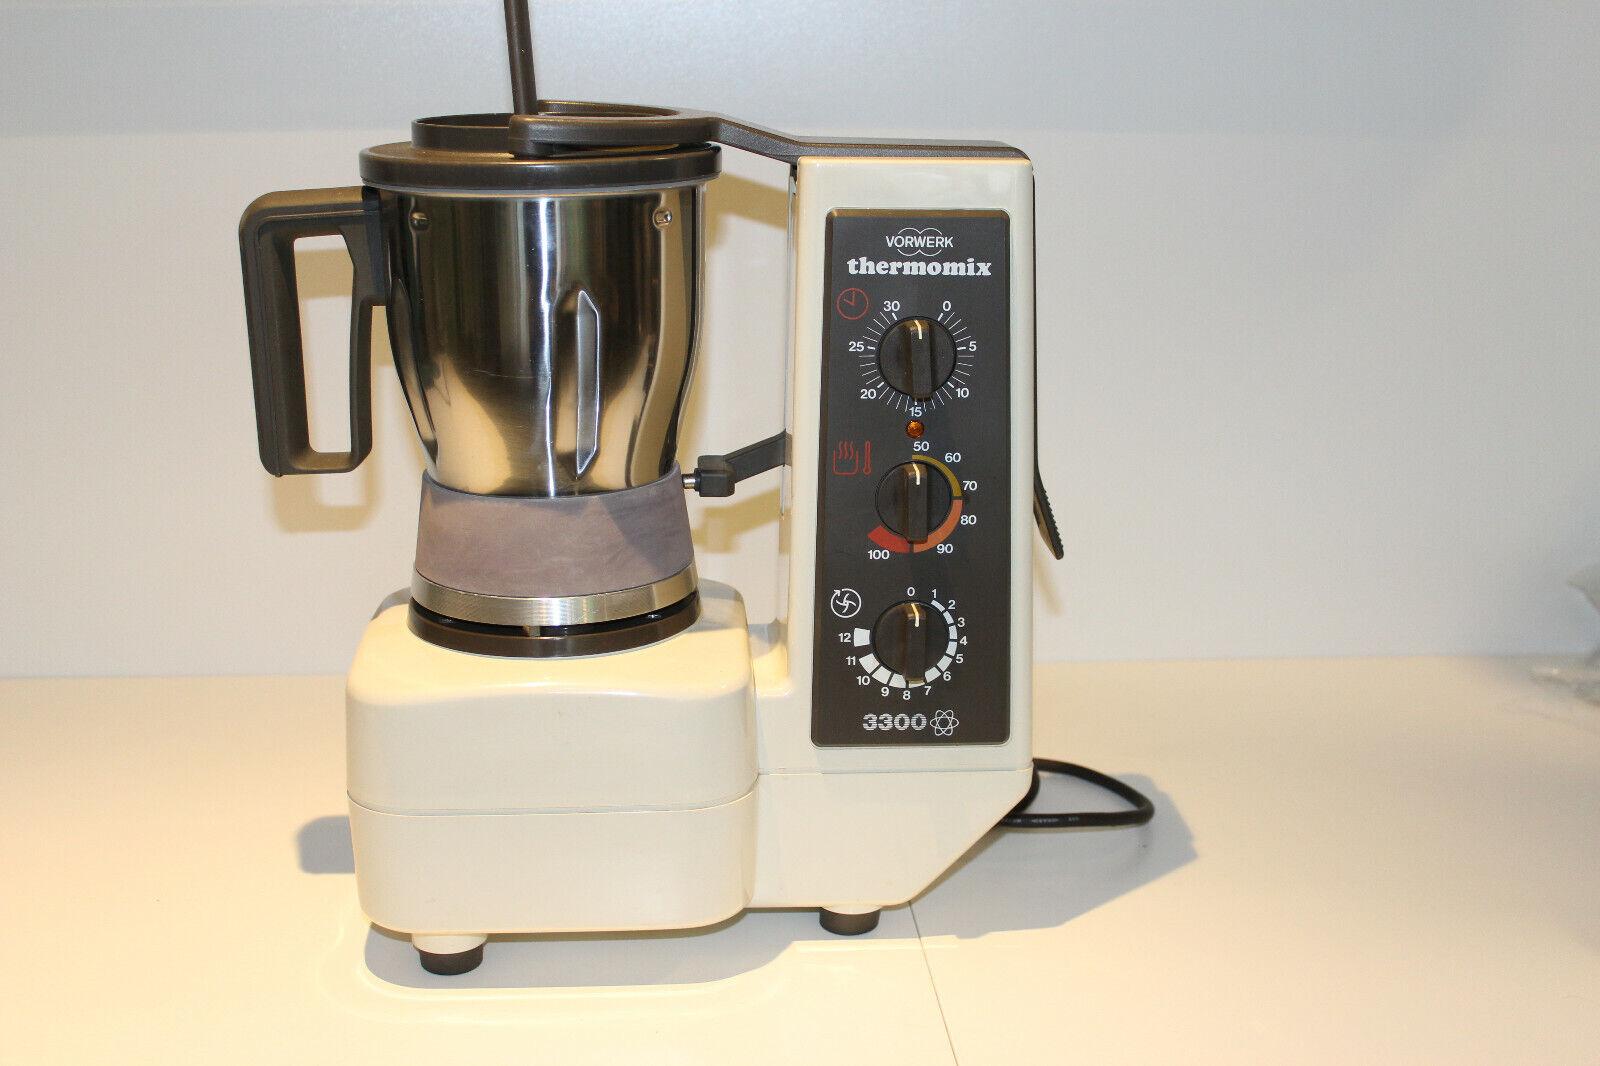 Vorwerk Thermomix TM 3300 /TM3300 Küchenmaschine ...Top Zustand